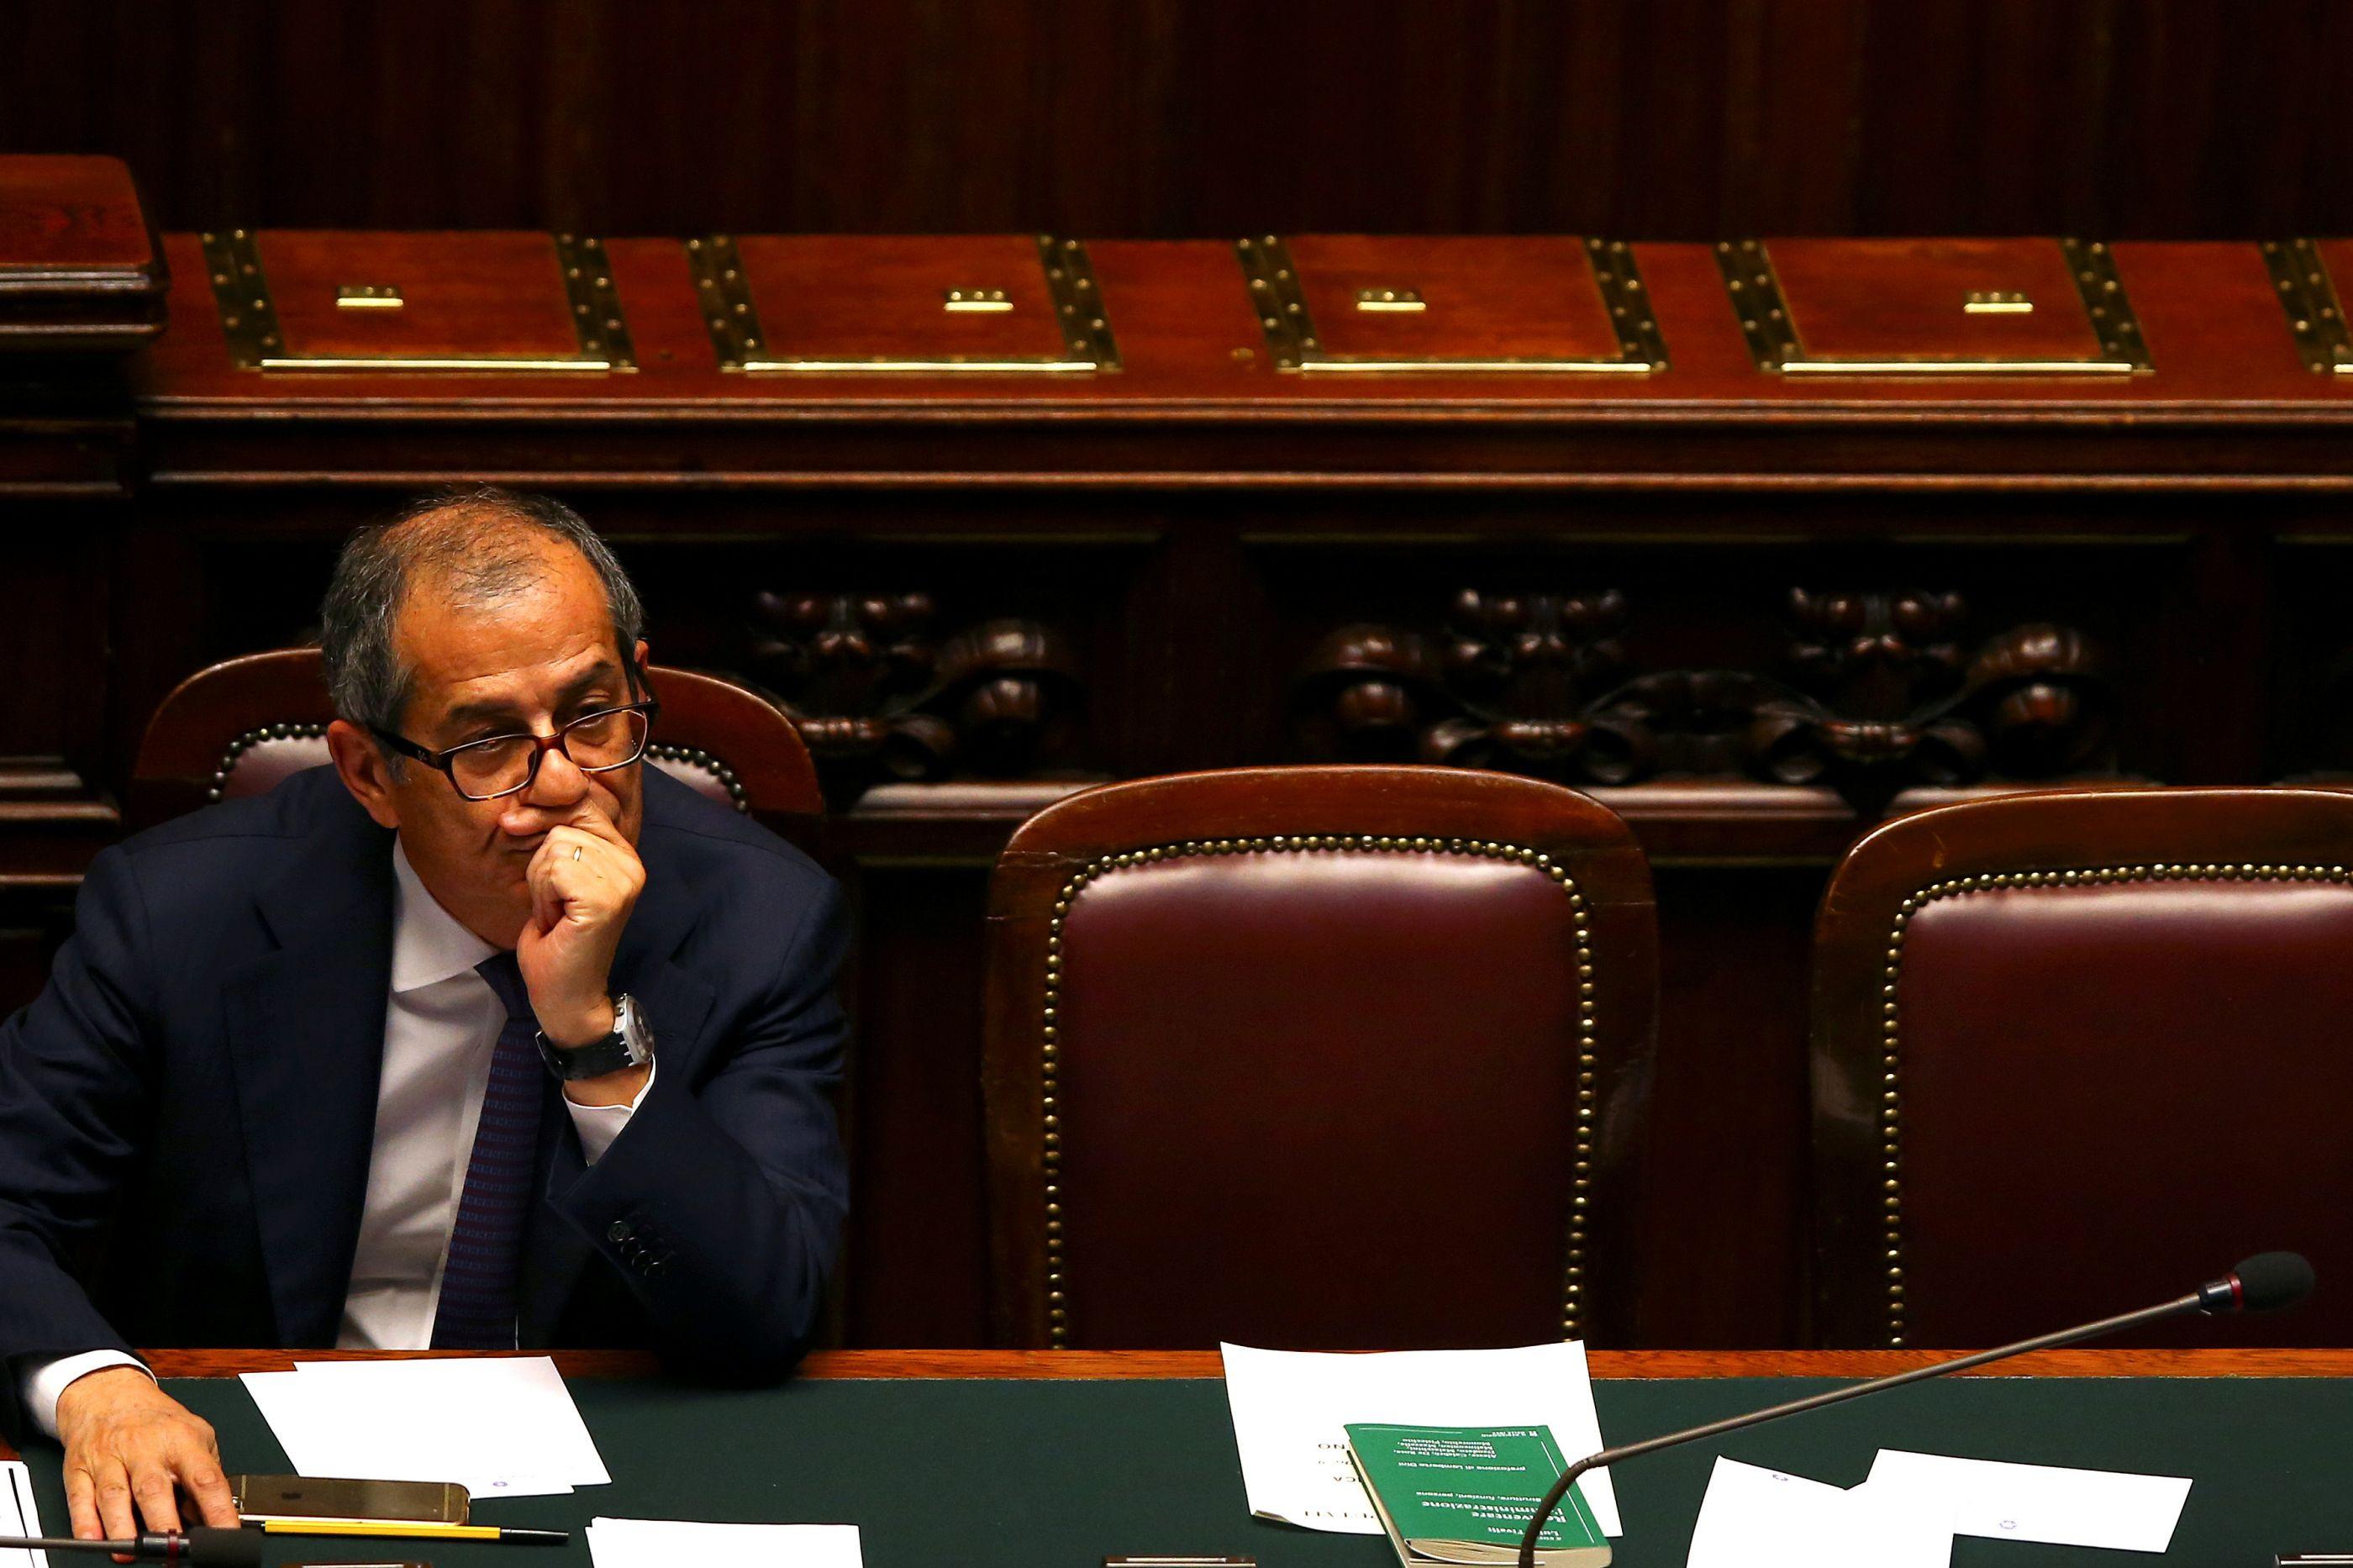 Itália garante controlo do défice e pede flexibilidade a Bruxelas